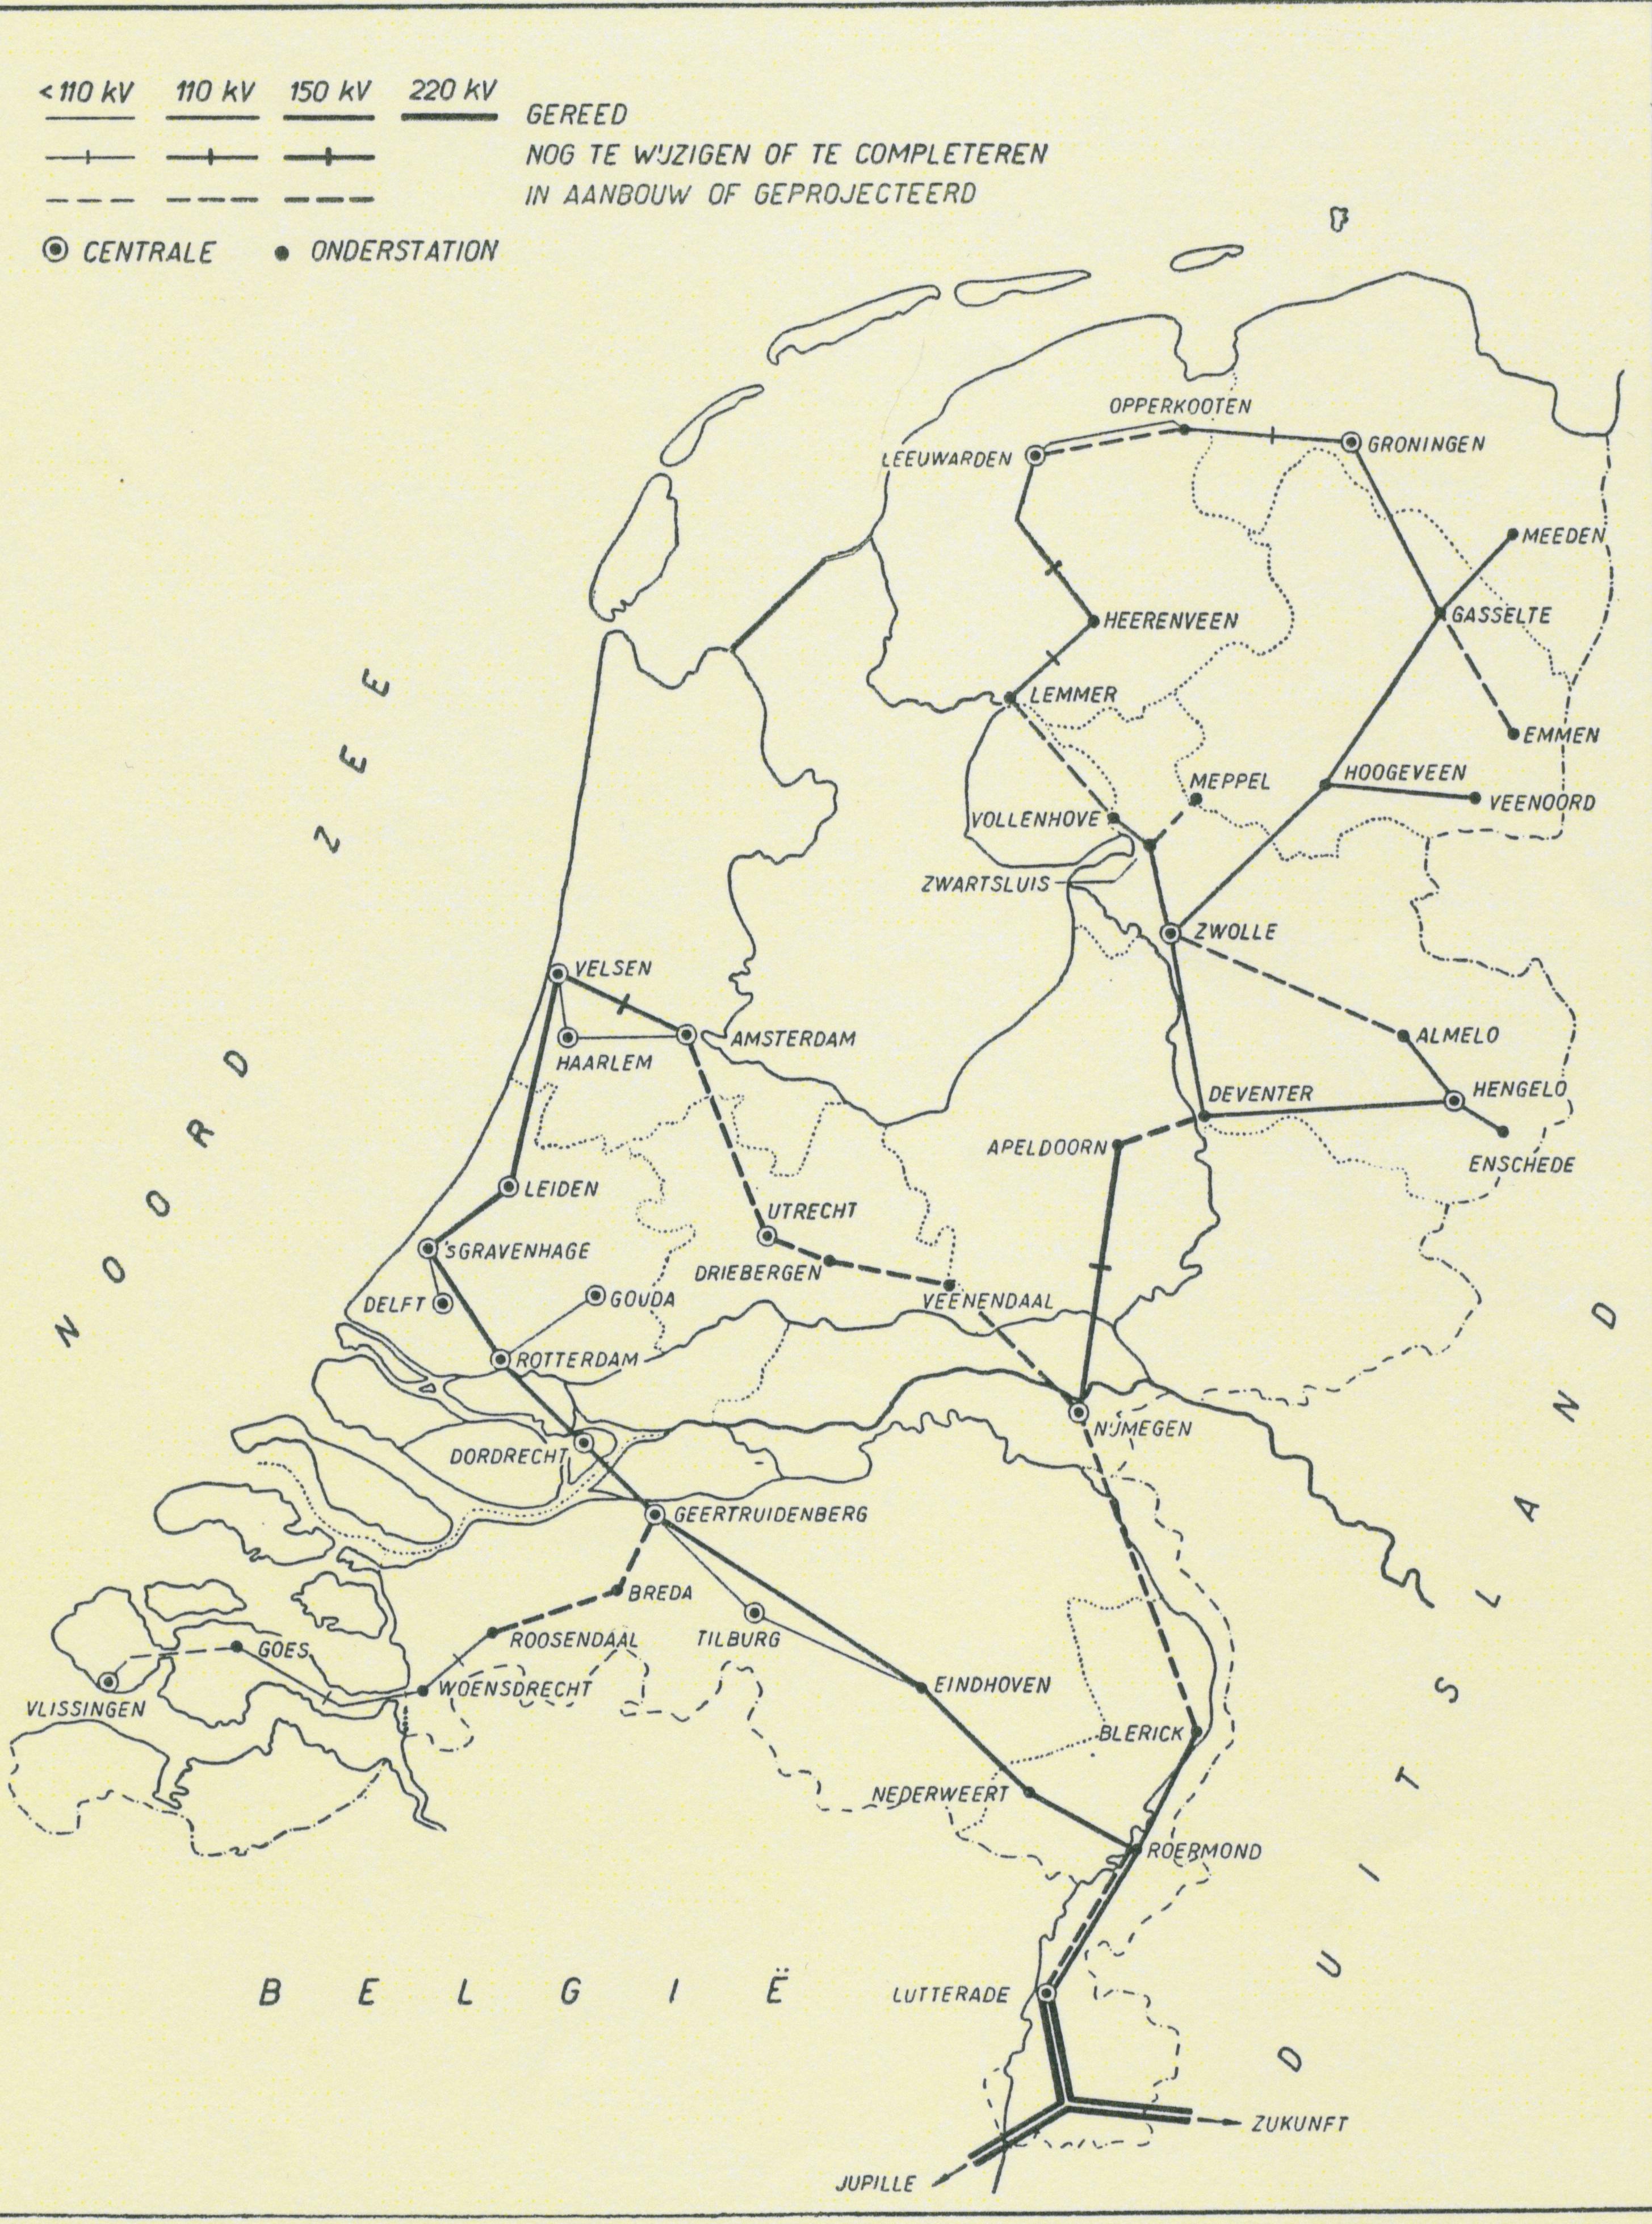 Netkaart 1950